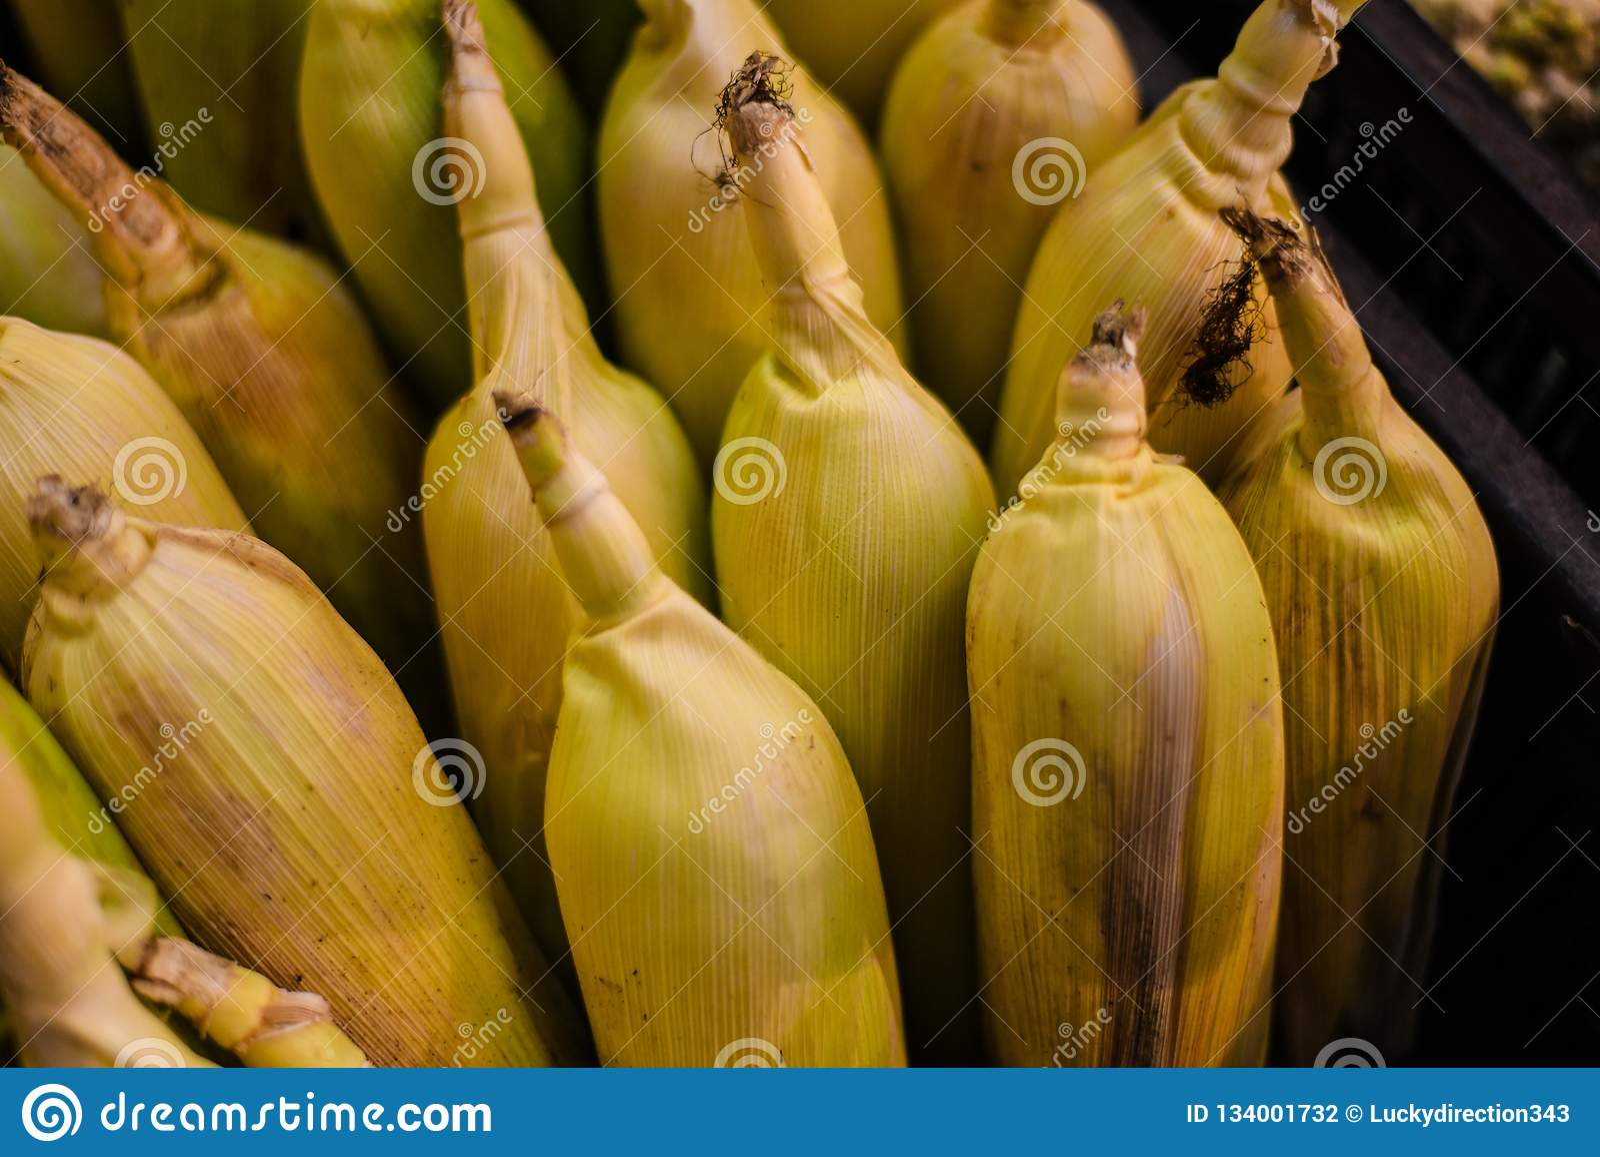 Maisnahaufnahme schoss Nahrungsmittelfrüchte Franc